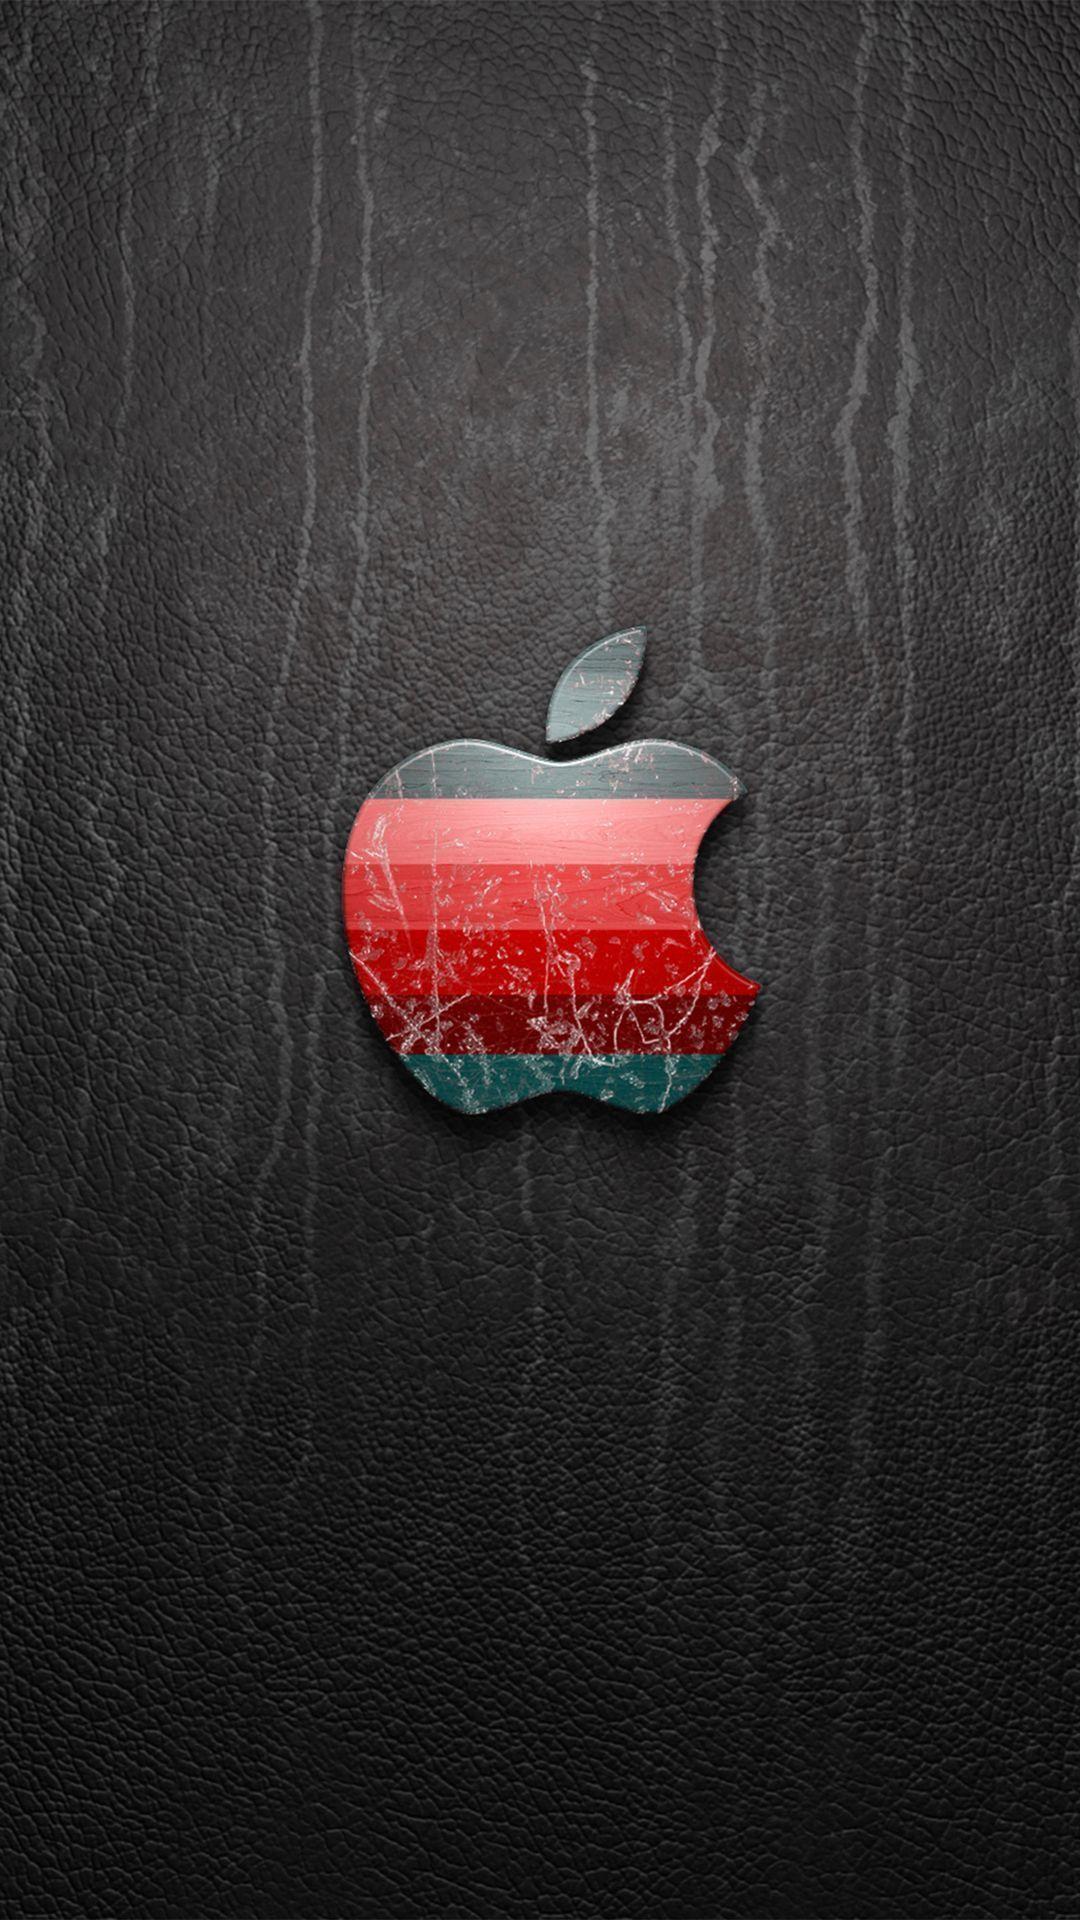 人気14位 レザー Iphone Xの壁紙がダウンロードし放題 黒の壁紙iphone アップルの壁紙 カラー壁紙 Iphone